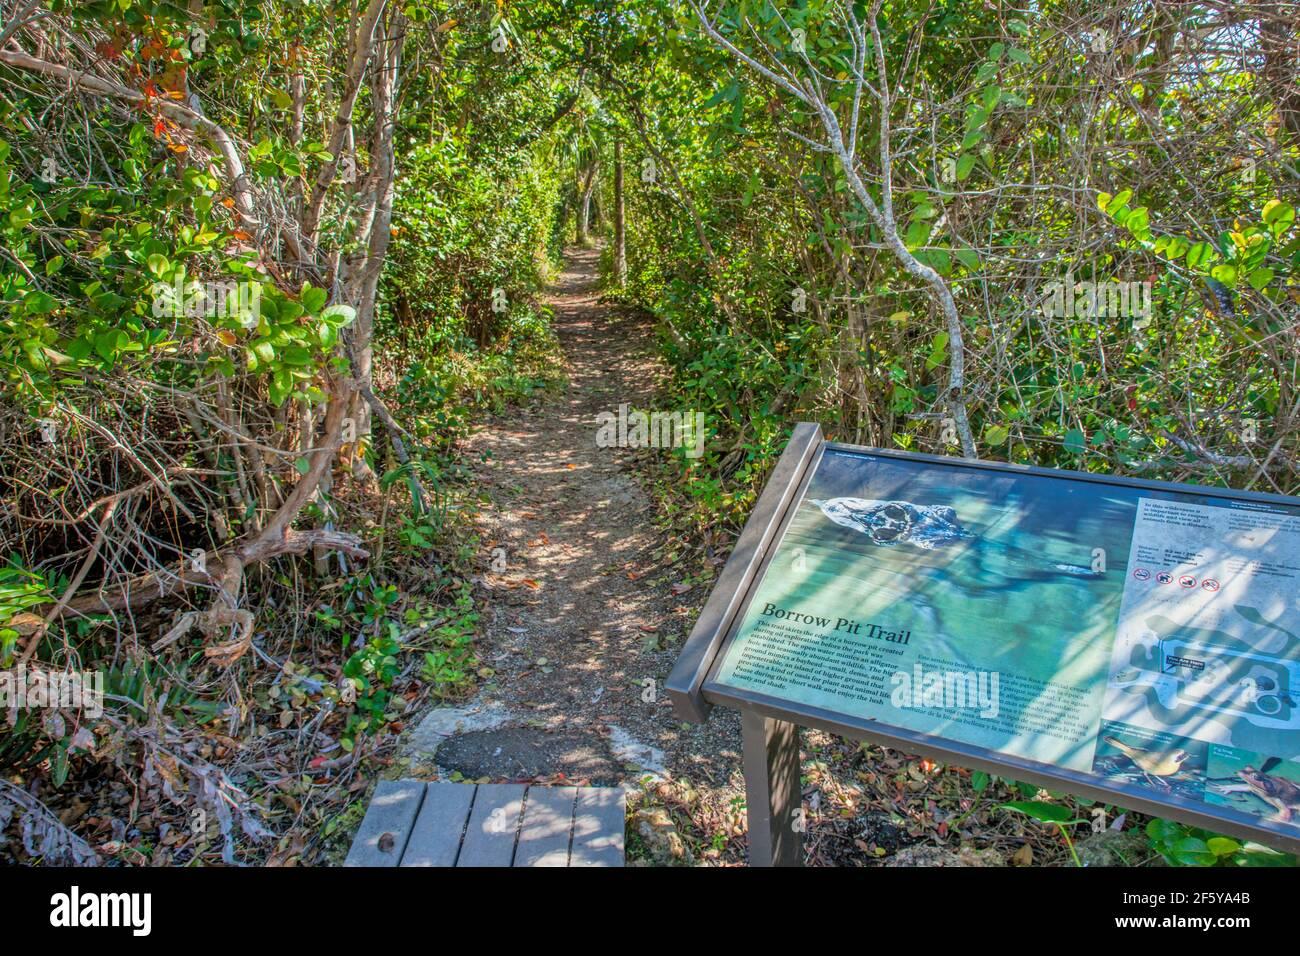 Barrow Pit Trail presso la torre di osservazione a Shark Valley nel Parco Nazionale delle Everglades in Florida. Foto Stock